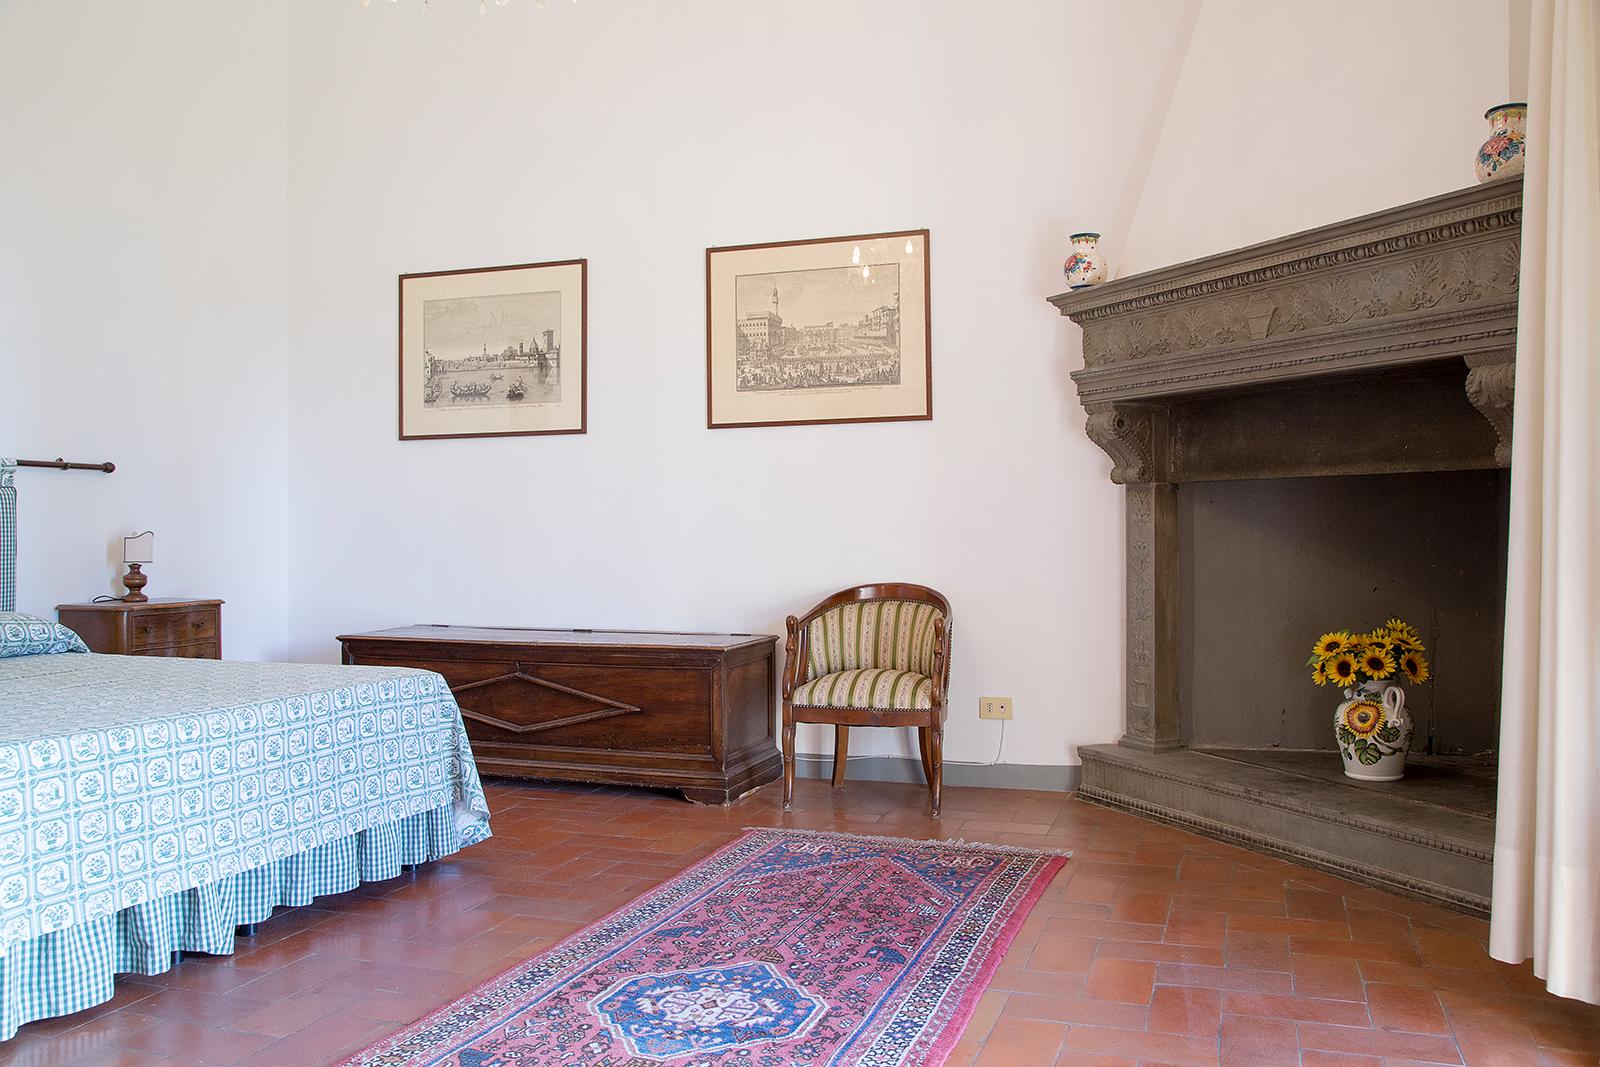 Villa Mona Lisa